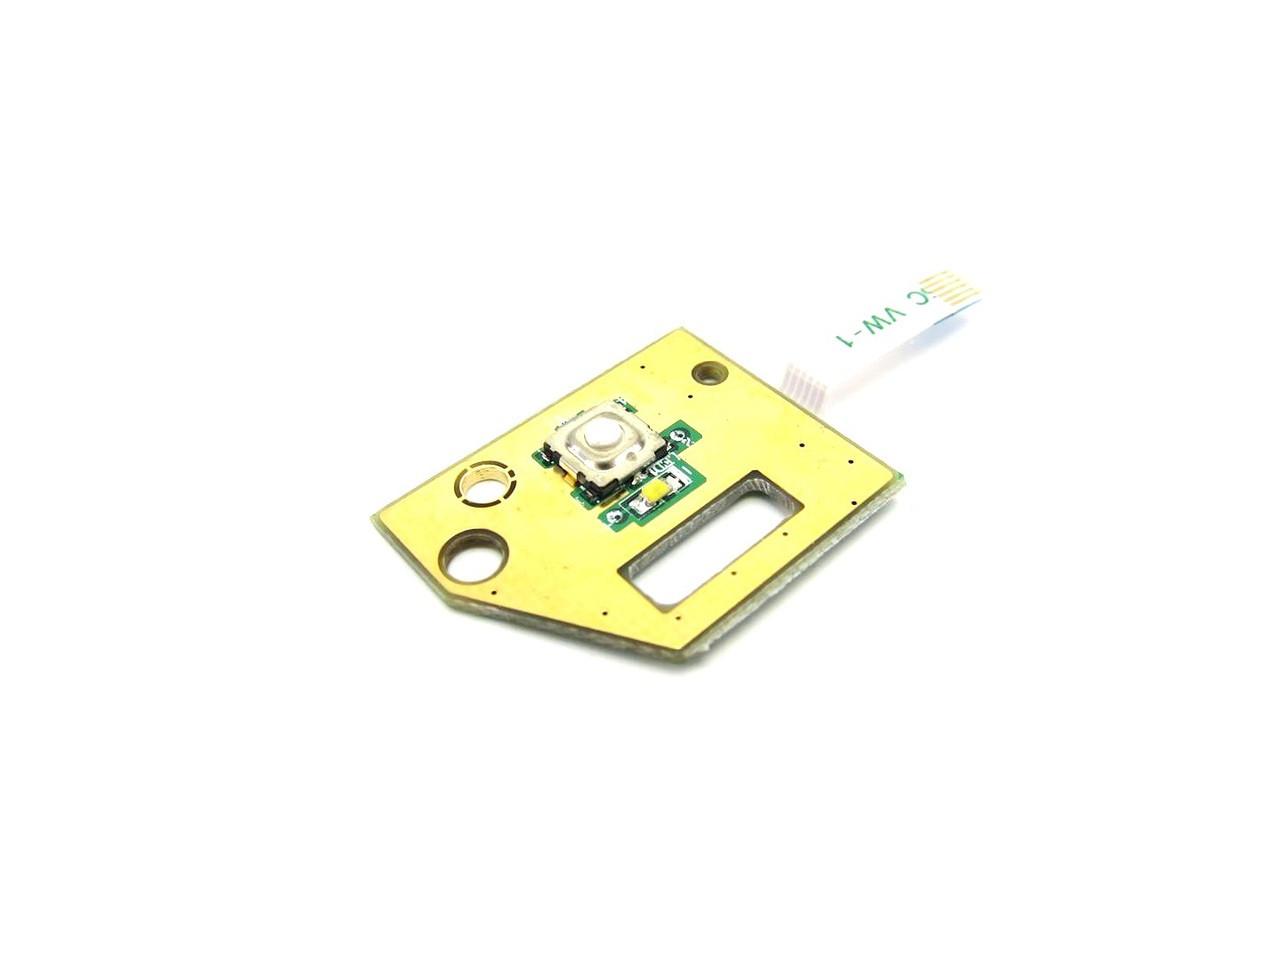 Dell Vostro 3300 Laptop Power Button Board W/ Cable - 50.4EX05.001